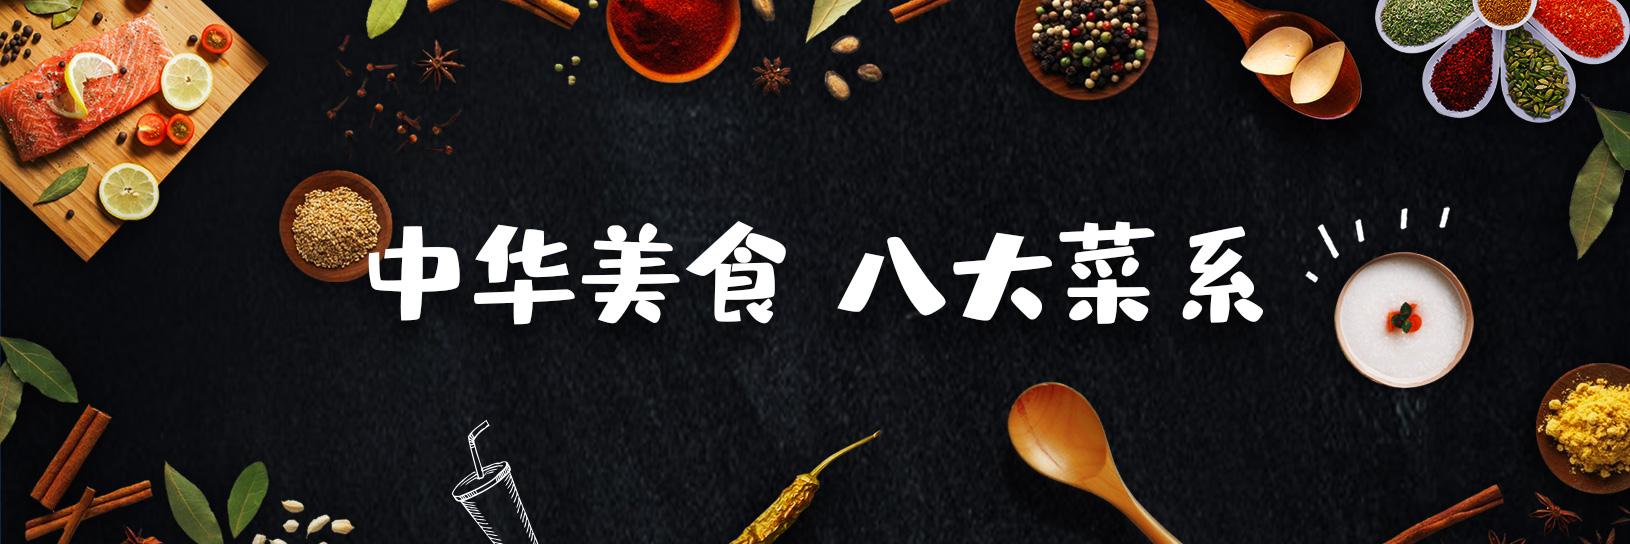 中华美食-八大菜系(鲁、川、苏、粤、浙、闽、湘、徽)佳肴品尝